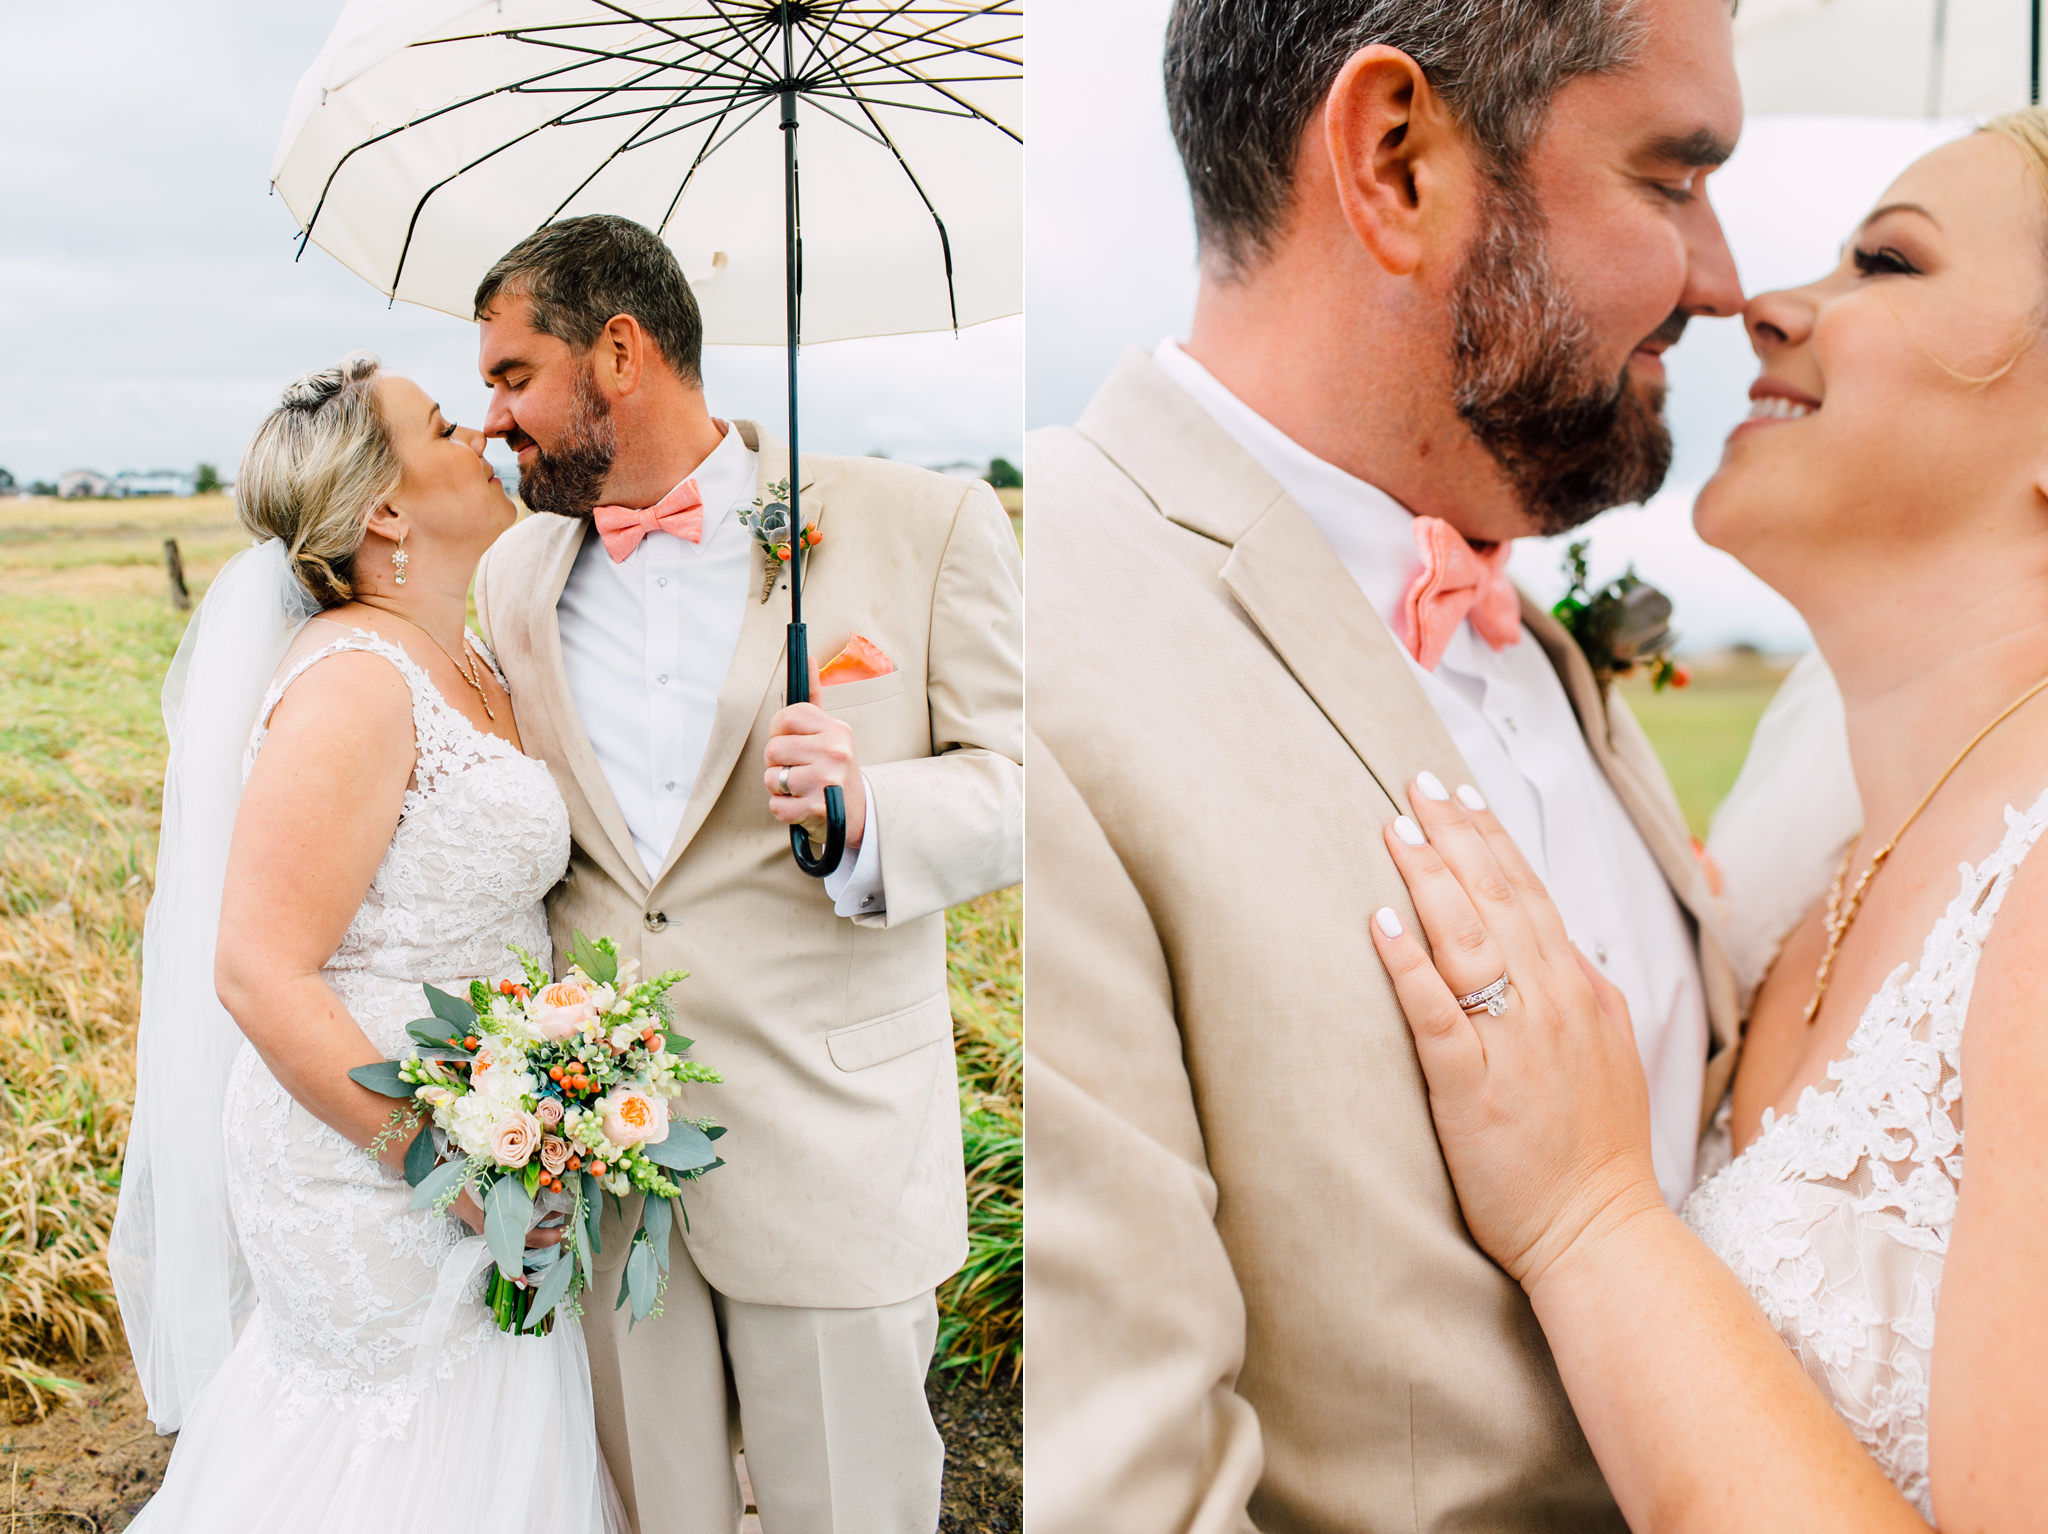 013-bellingham-wedding-photographer-beach-katheryn-moran-elisa-phillip.jpg